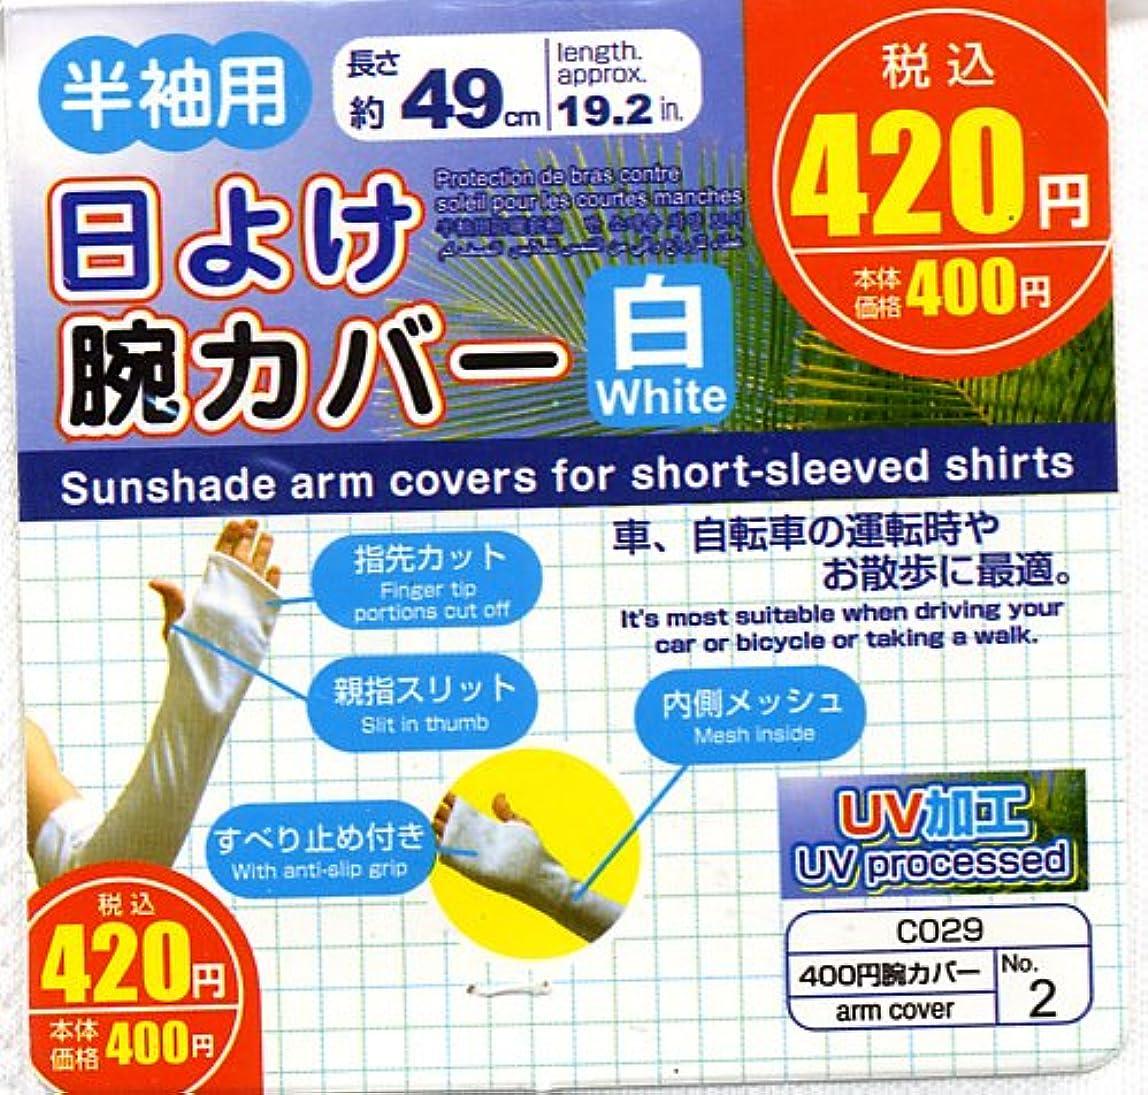 収穫カビ原因紫外線対策に!UVカットでお肌を紫外線から守る!日よけ腕カバー